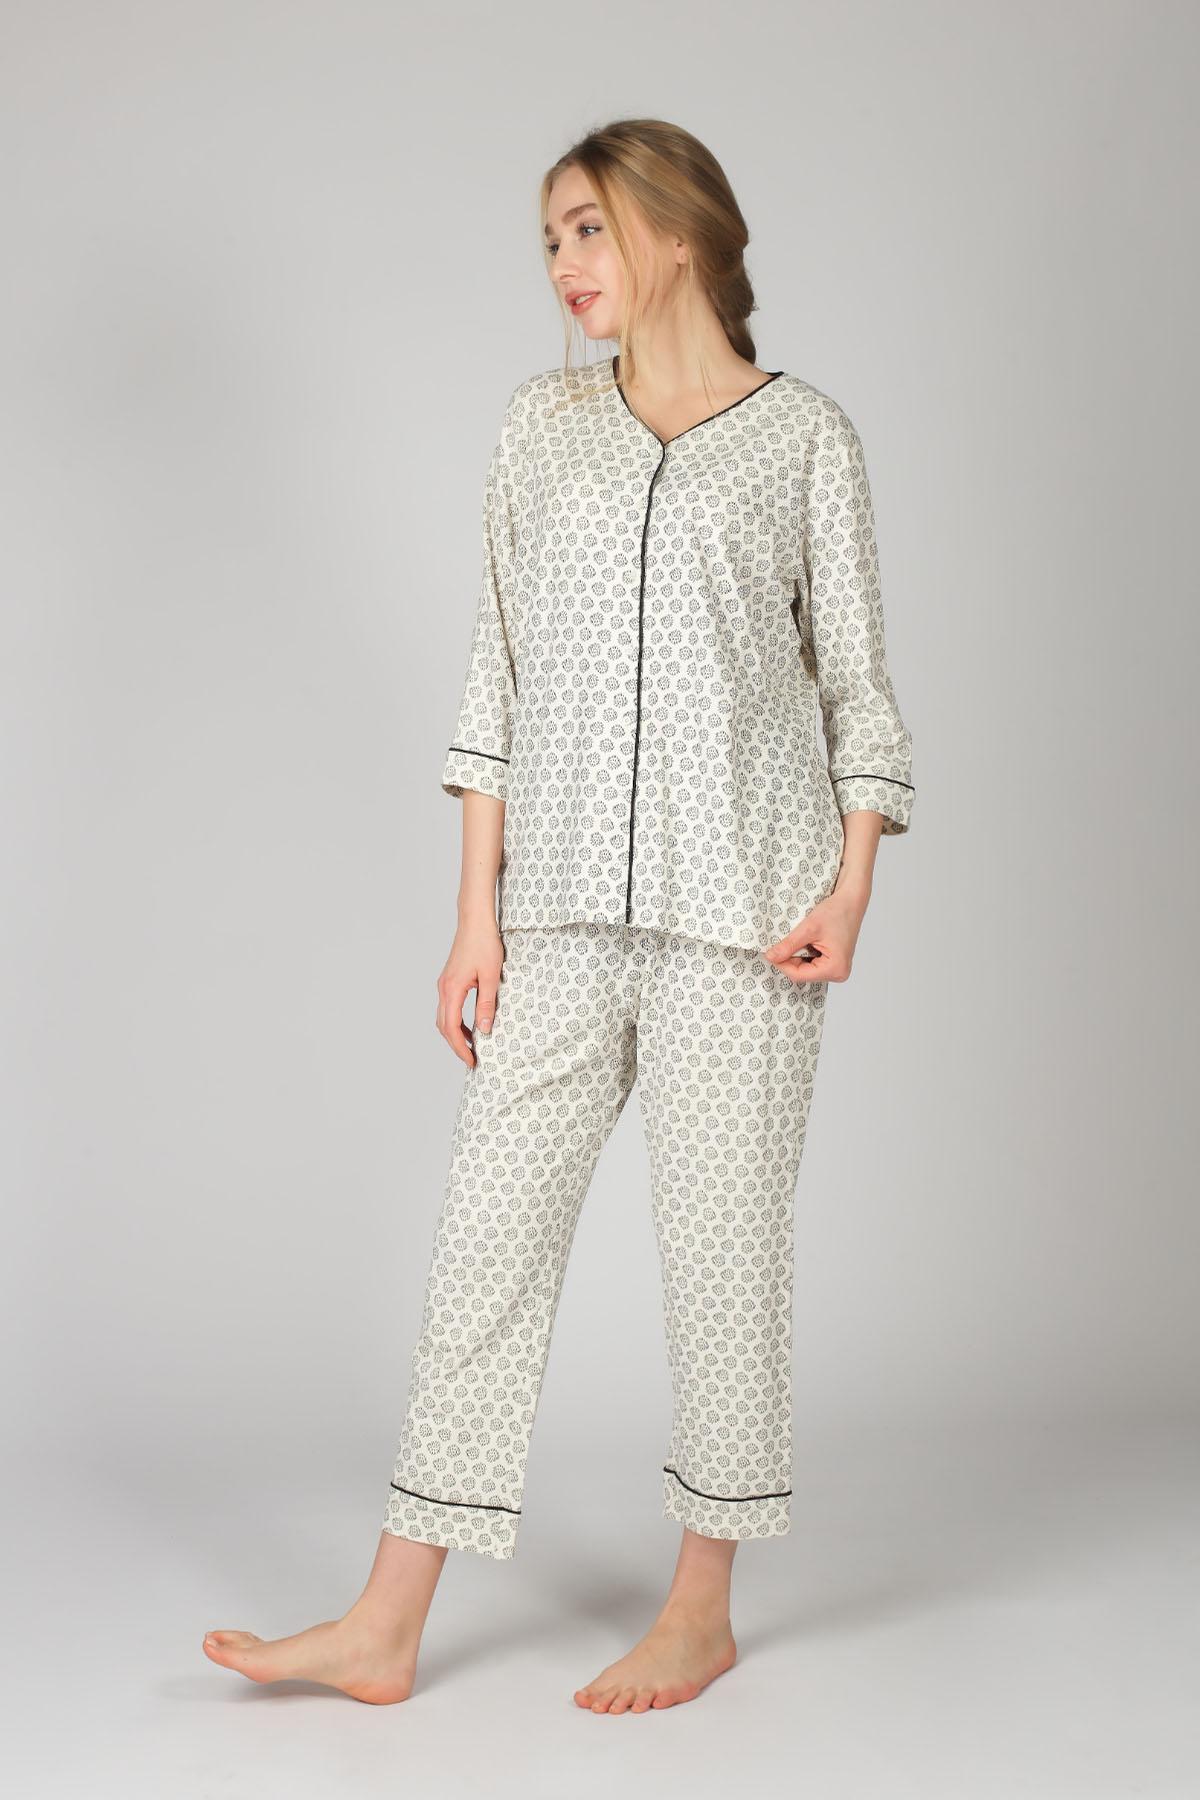 Hays Kadın Büyük Beden Gömlek Model Pijama Takımı